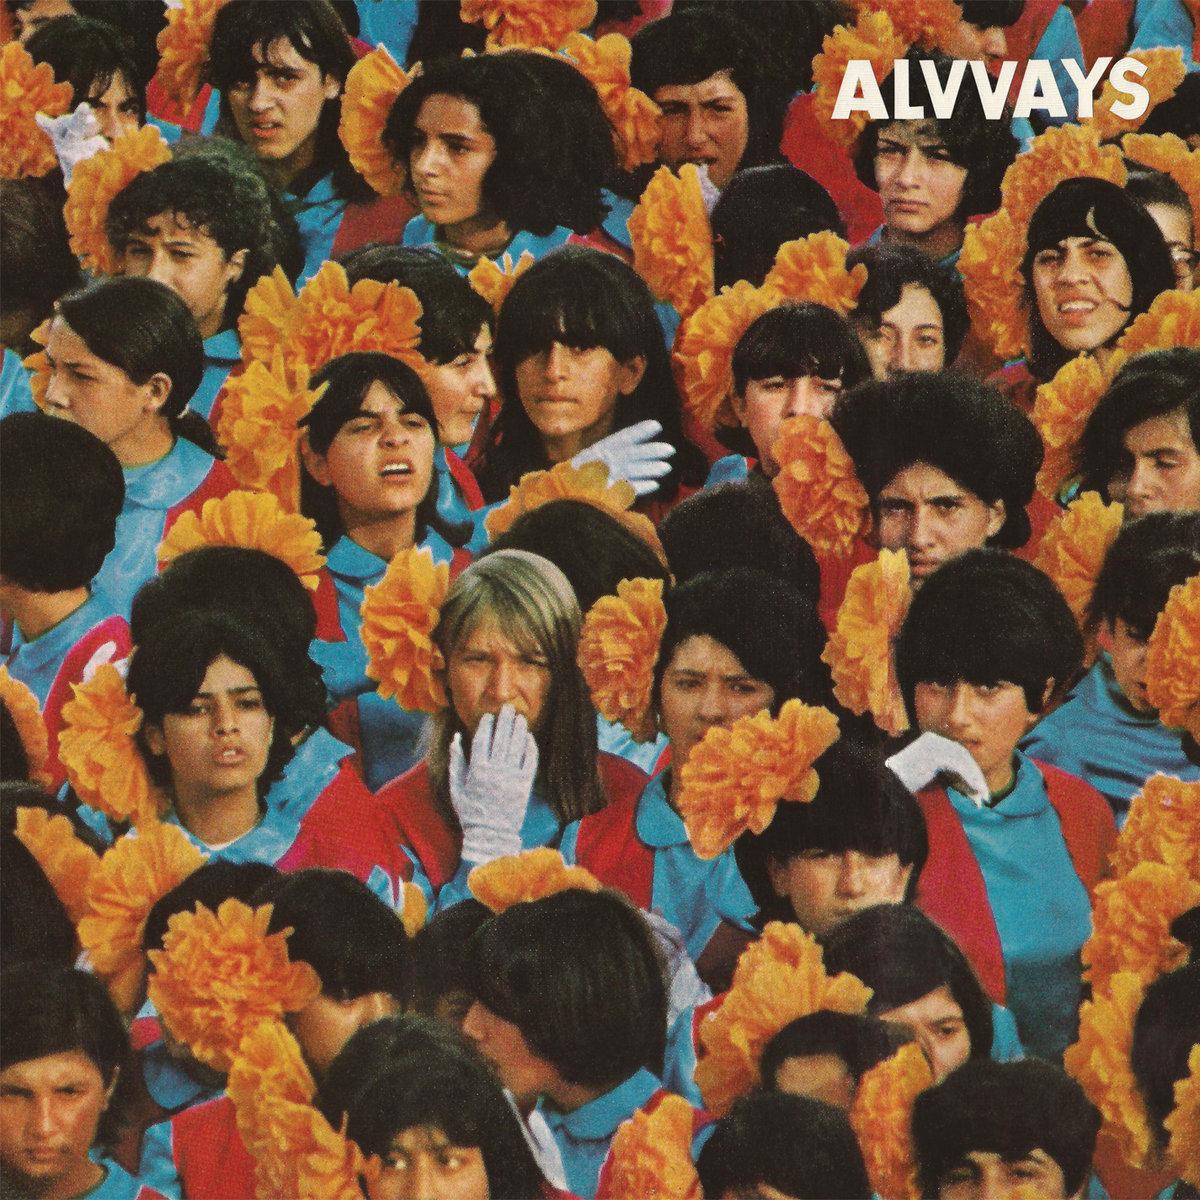 Alvvays / Alvvays(Cassette)